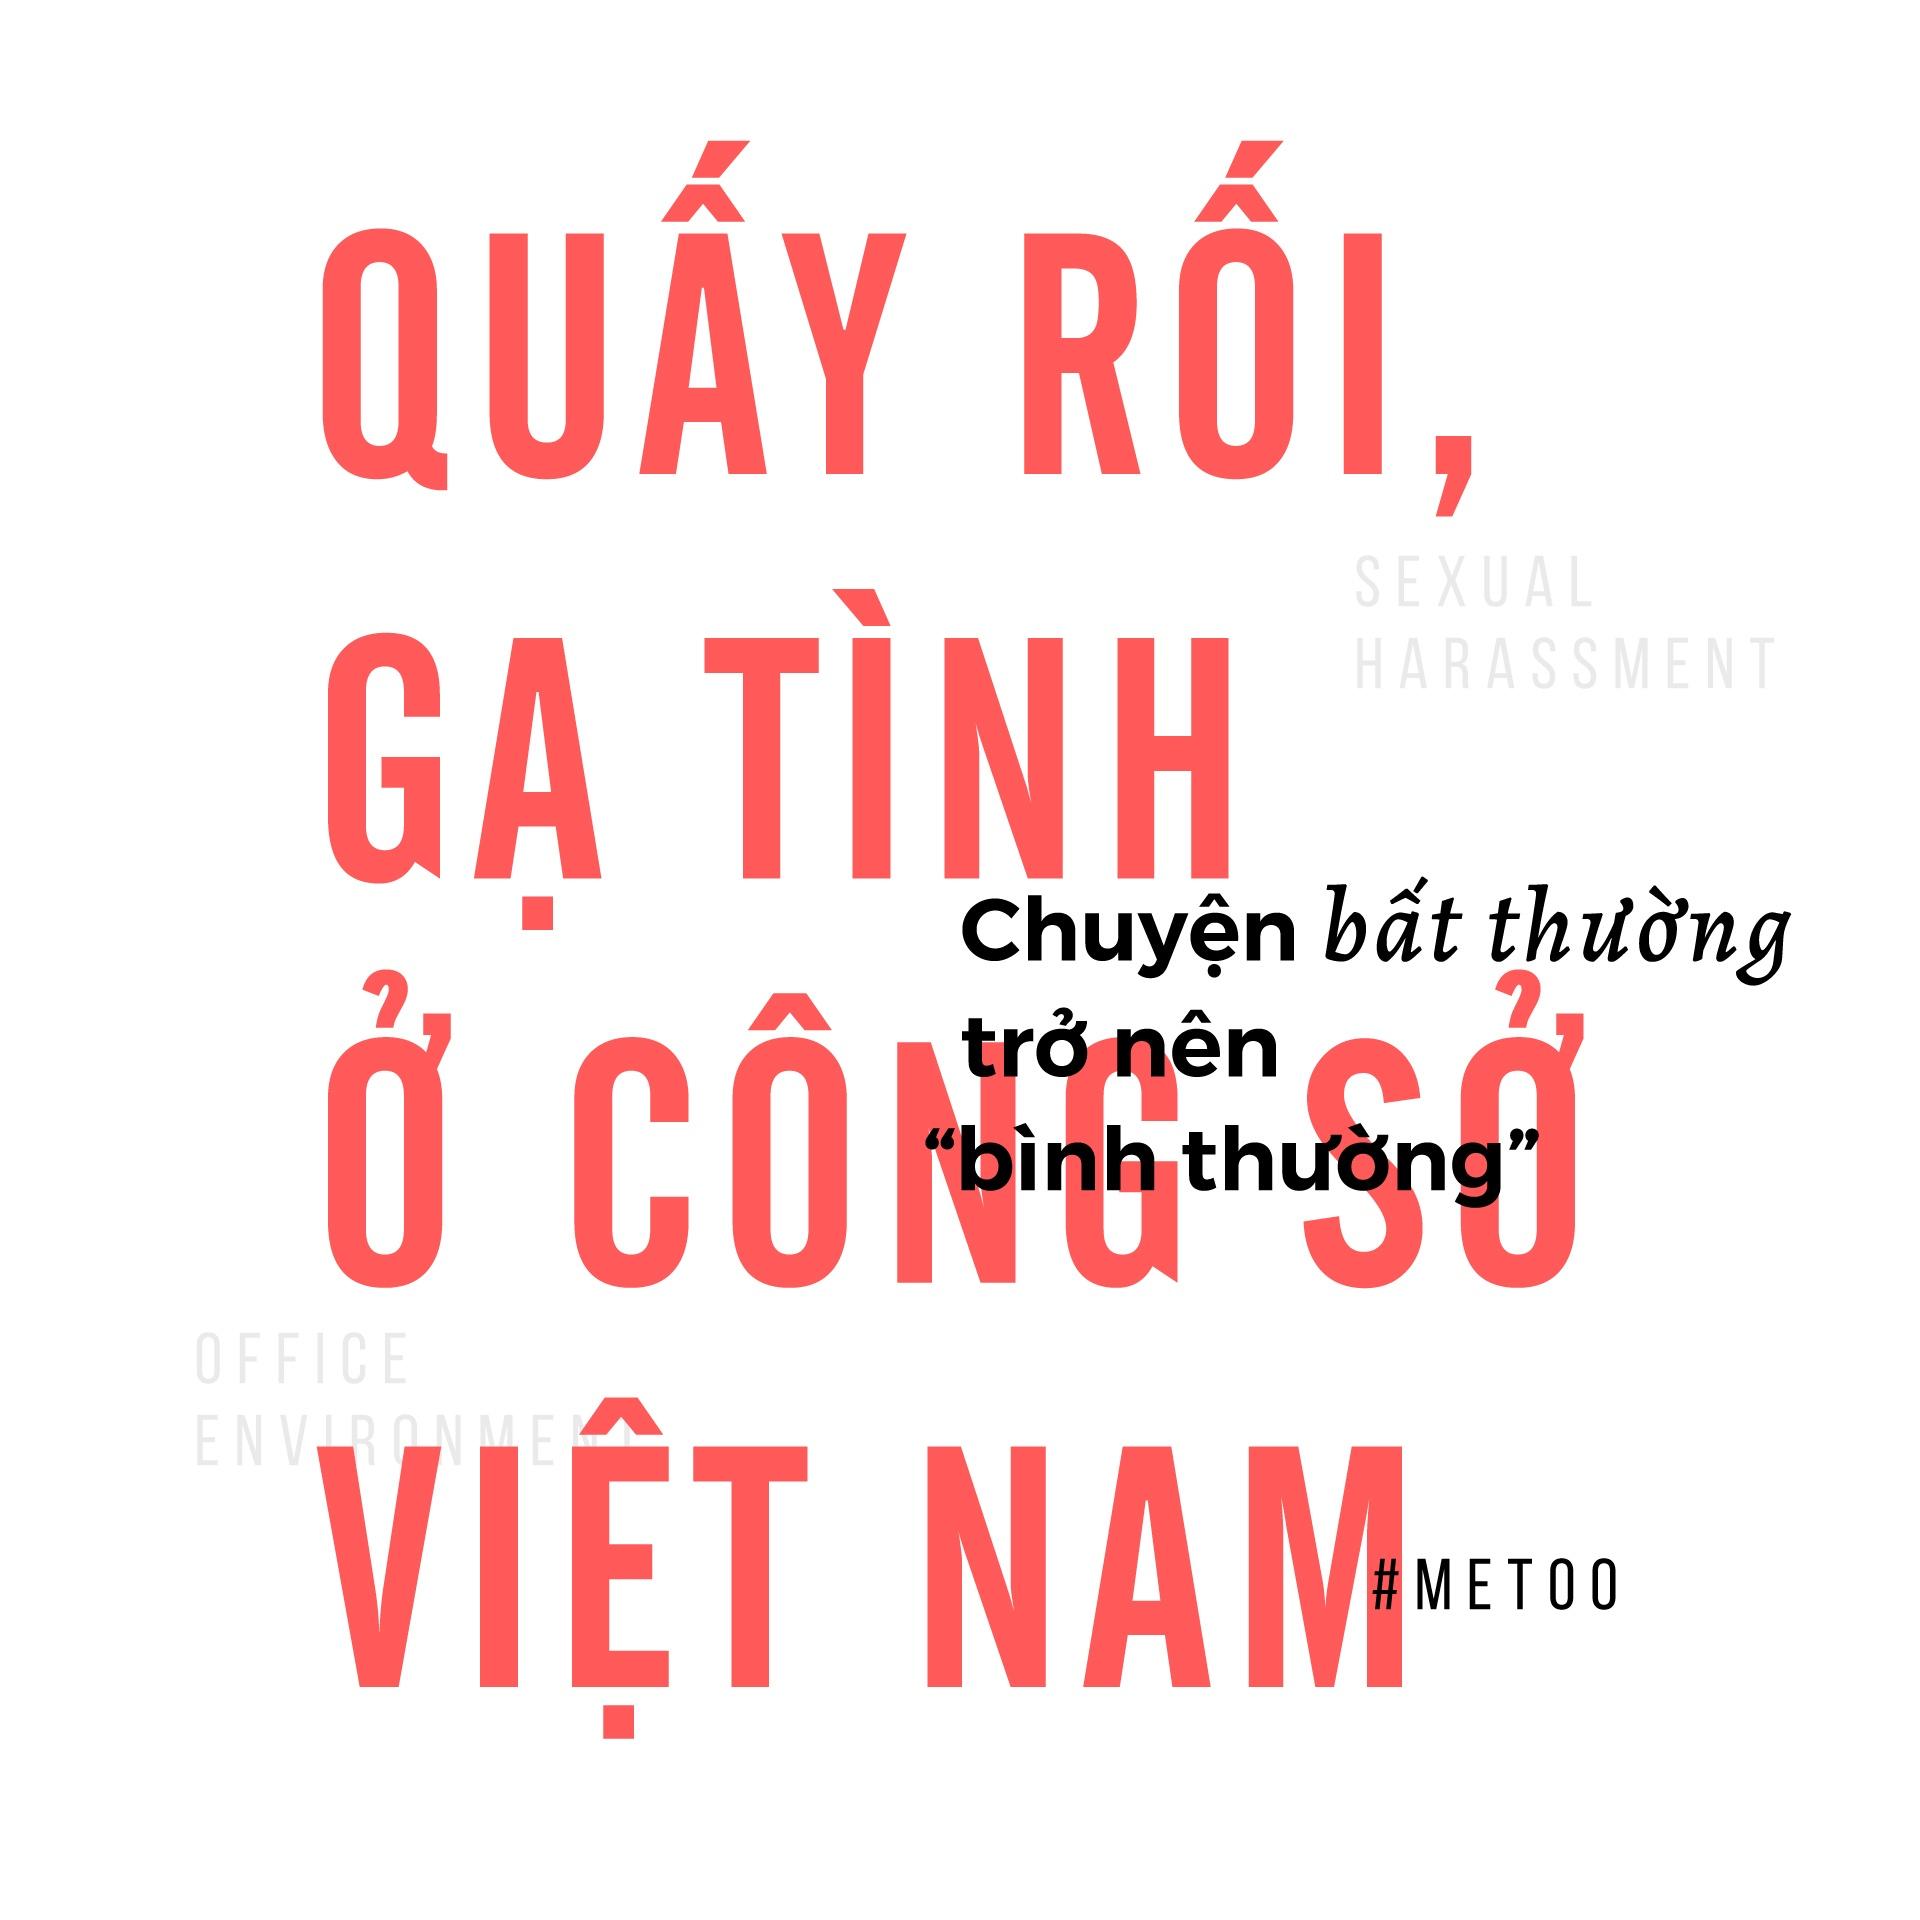 quay roi o Viet Nam anh 1